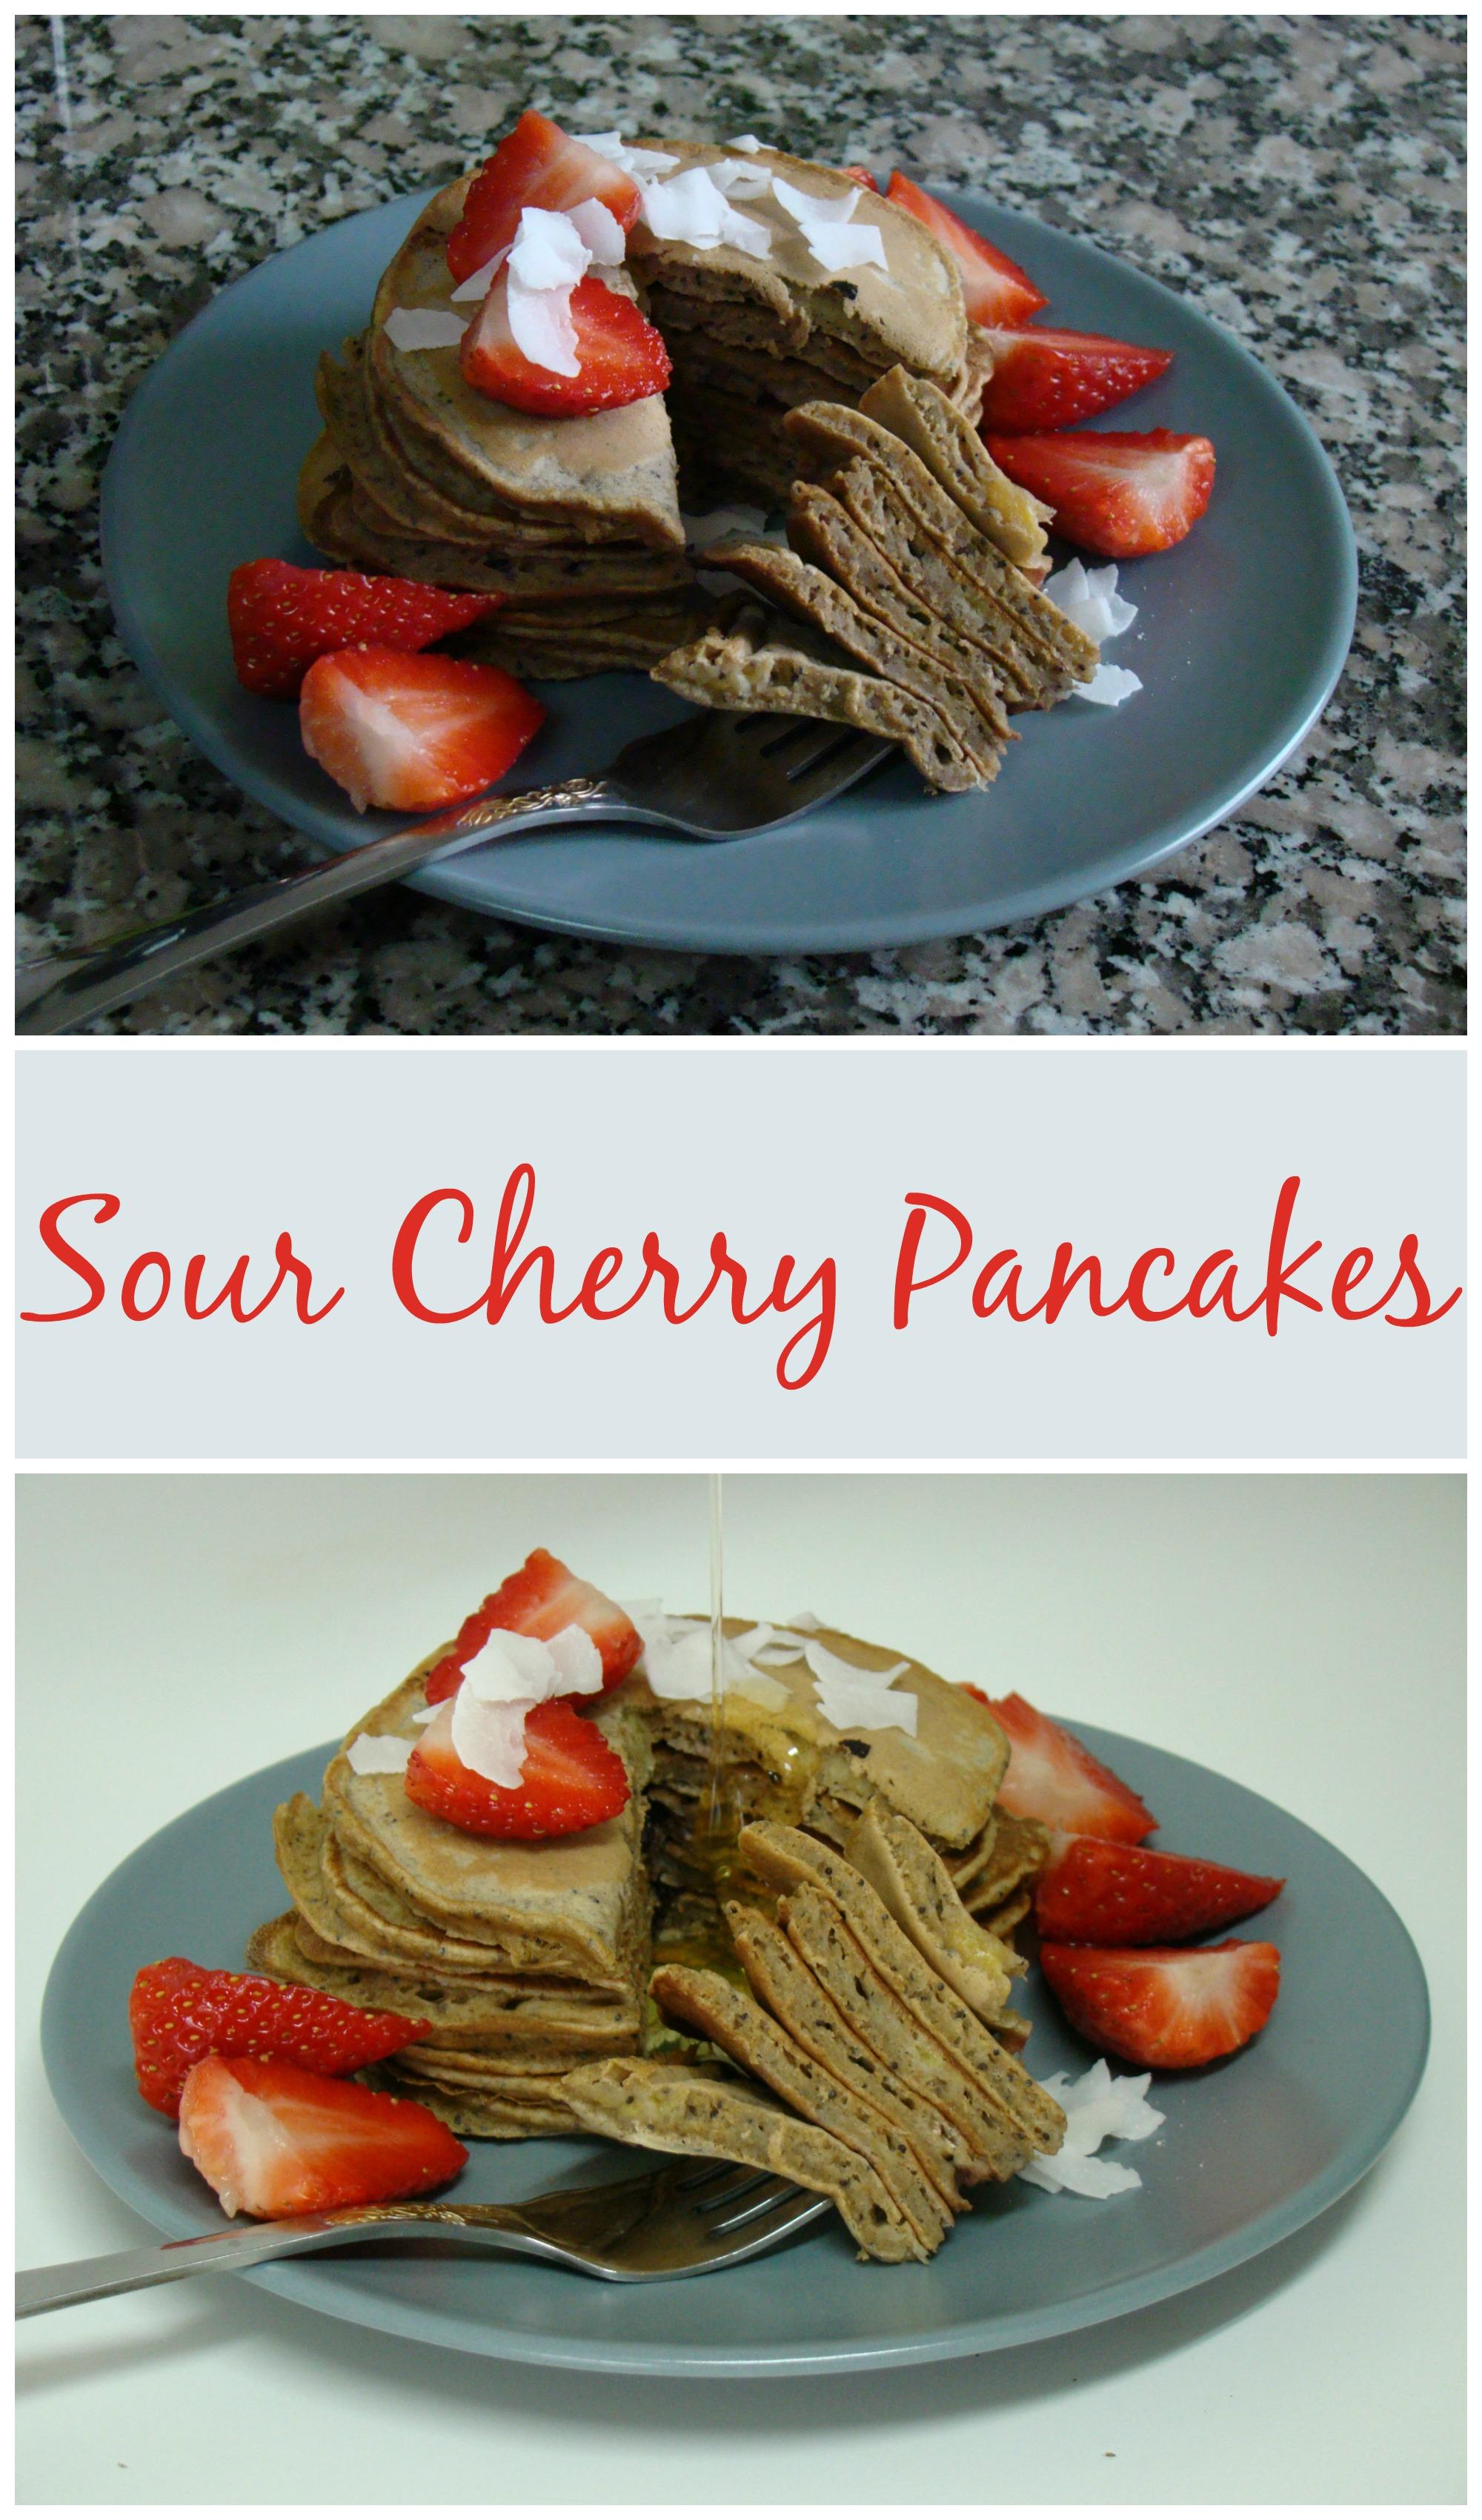 Sour Cherry Pancakes